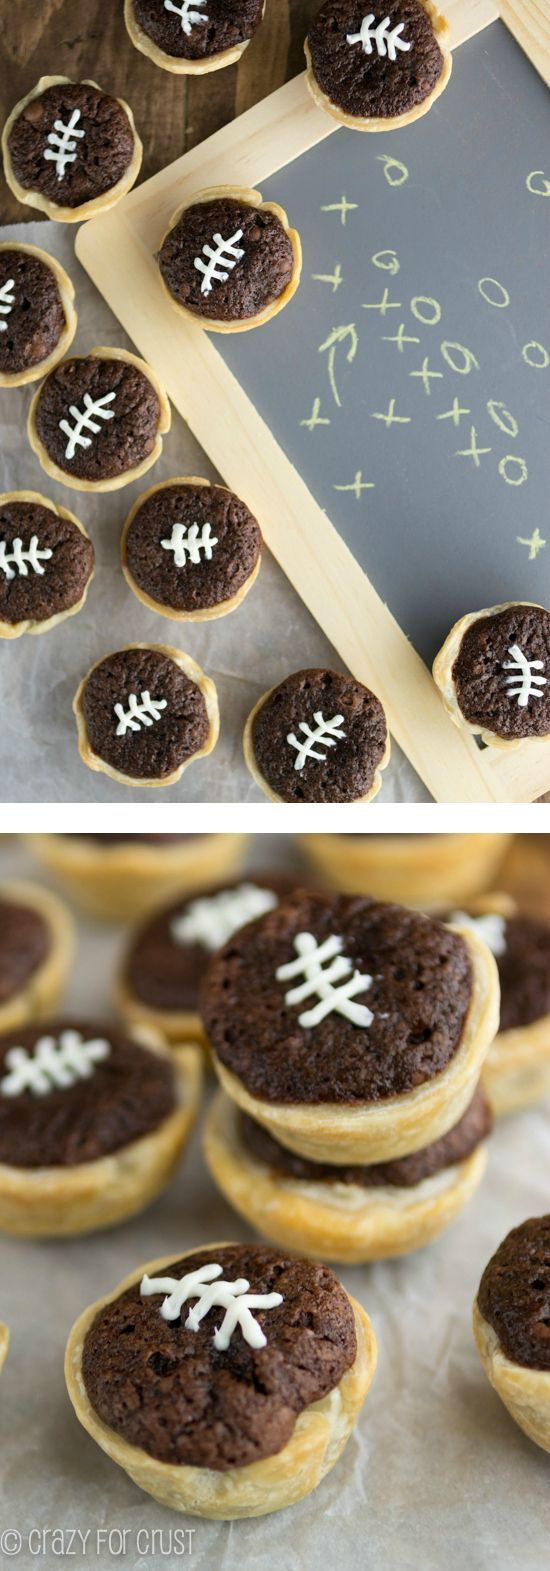 Mini Brownie Football Pies.